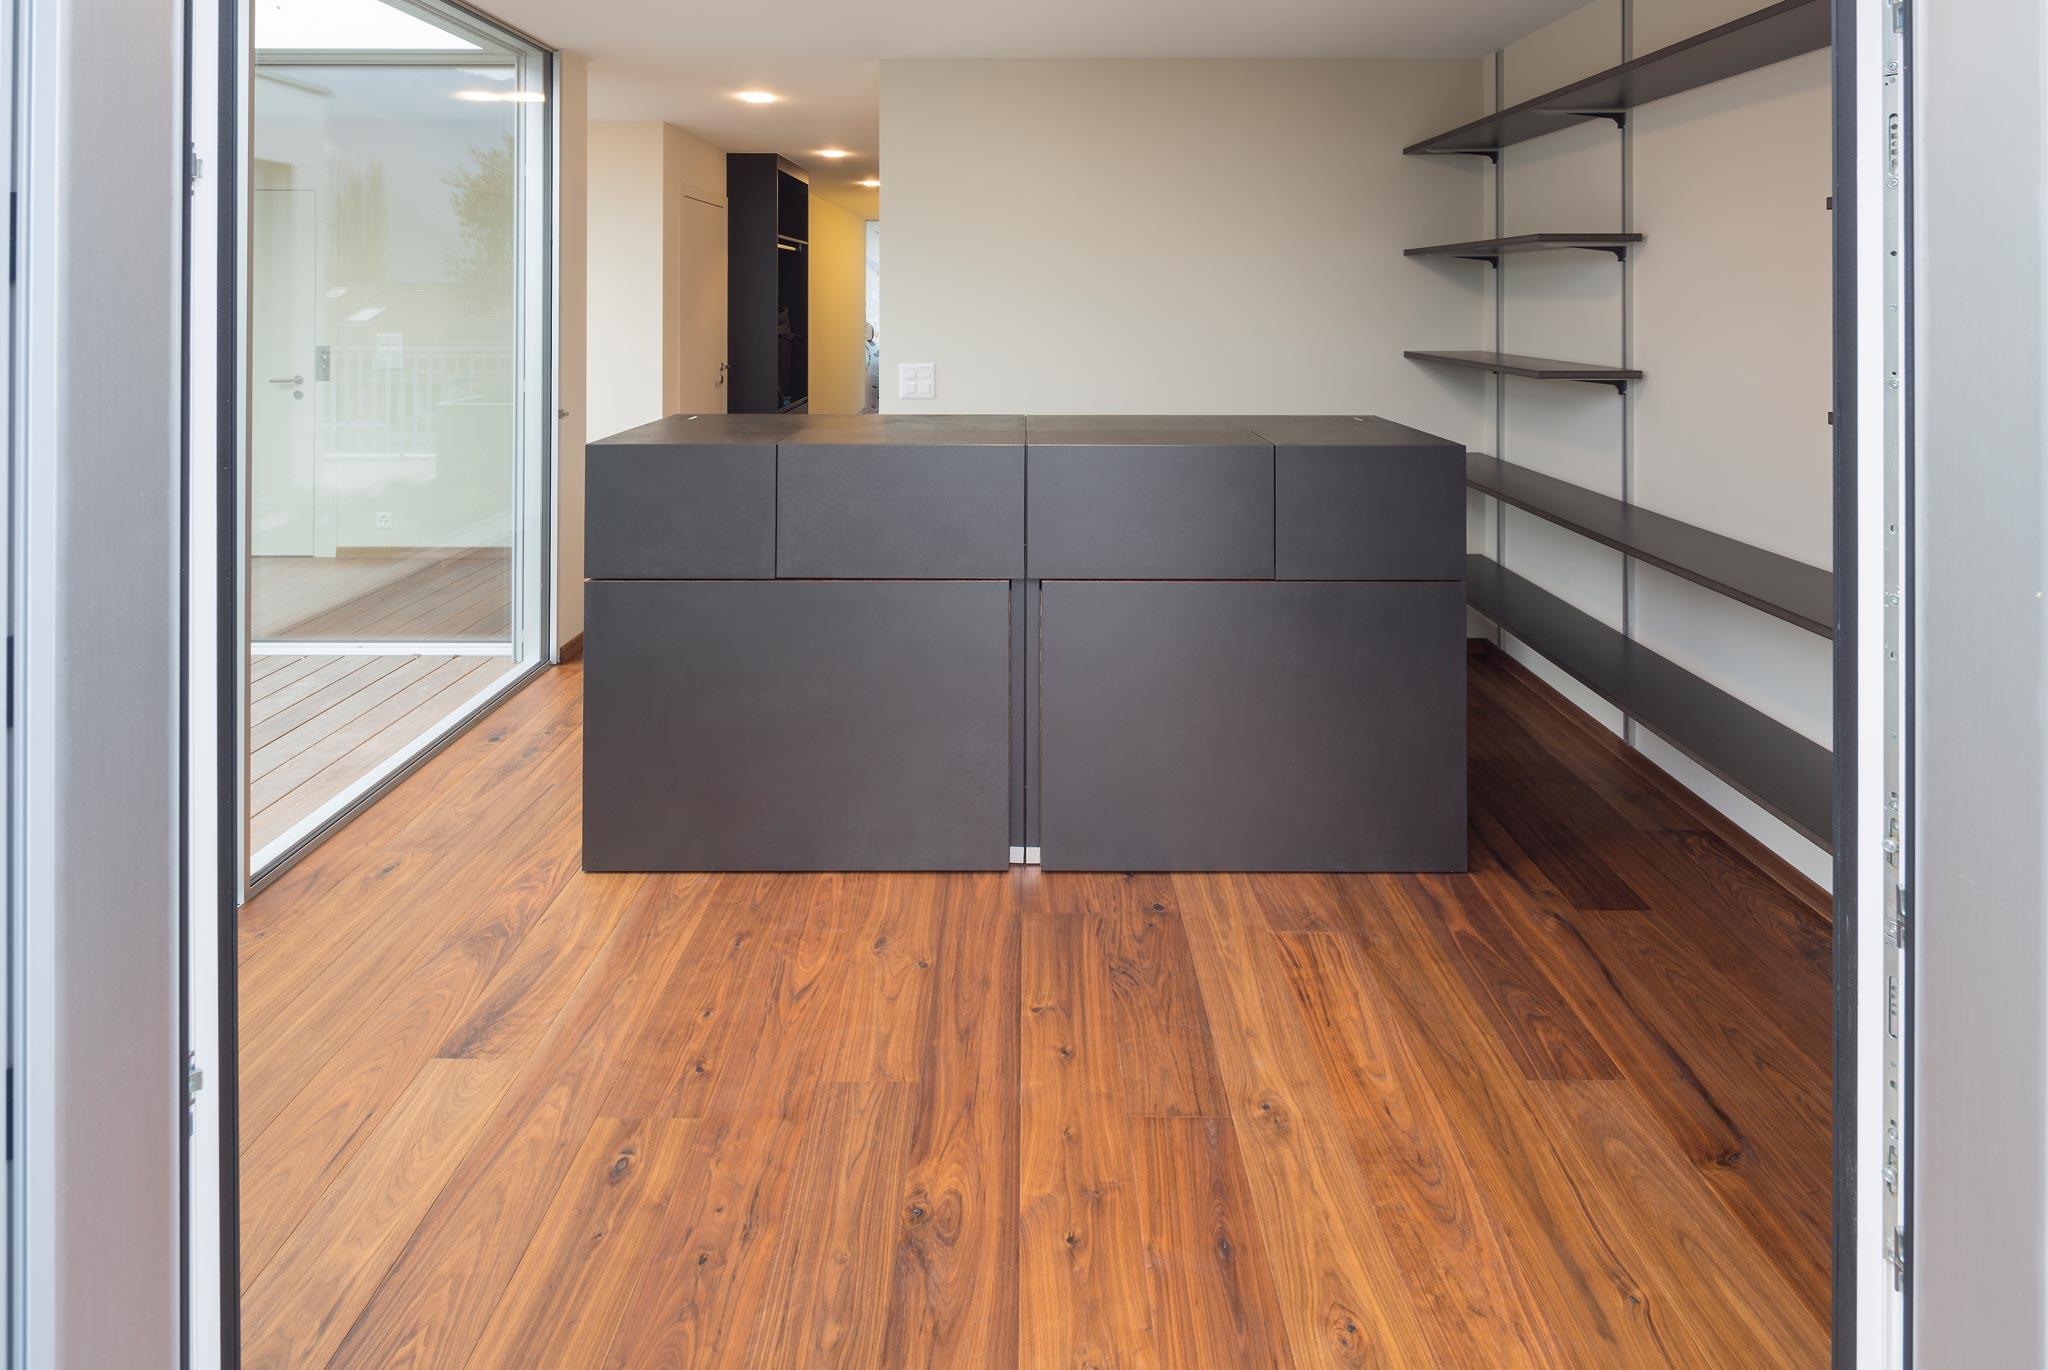 E mobilier Kabinet hor 14 11 003 - Lilo 4 - Le bureau